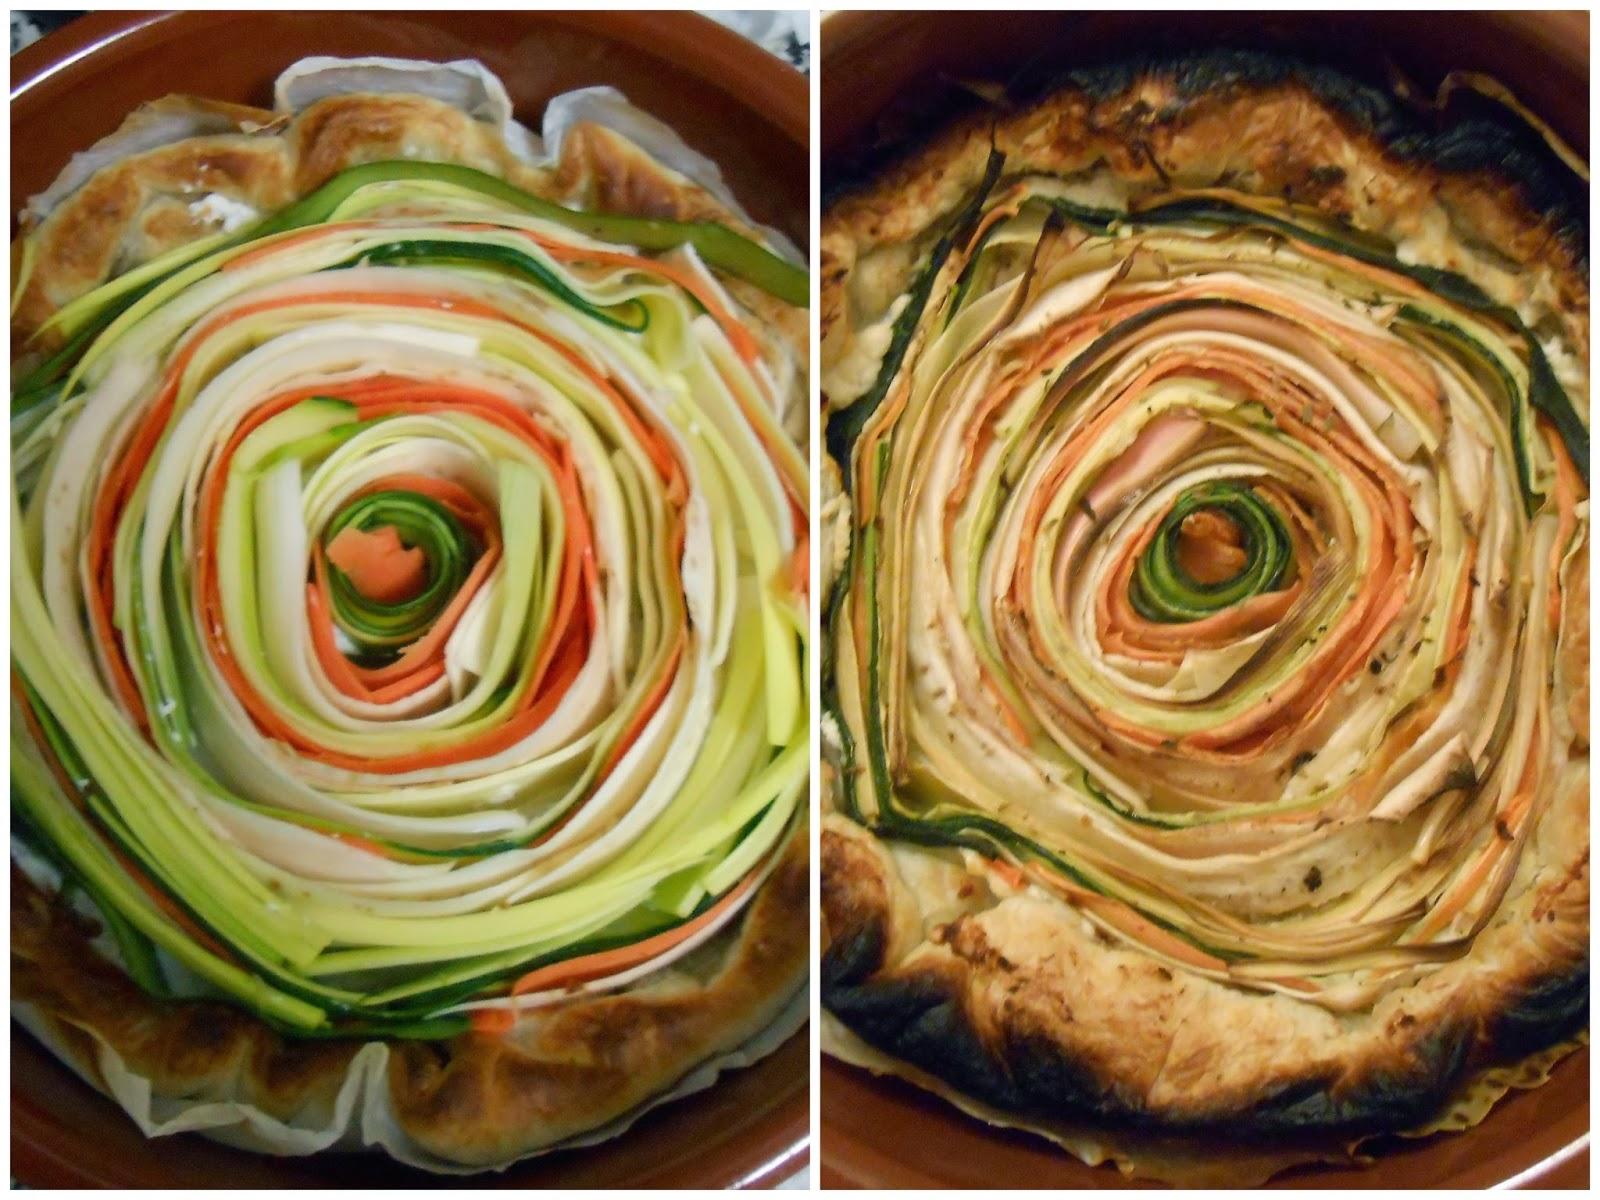 Tartes en spirale avant et après cuisson